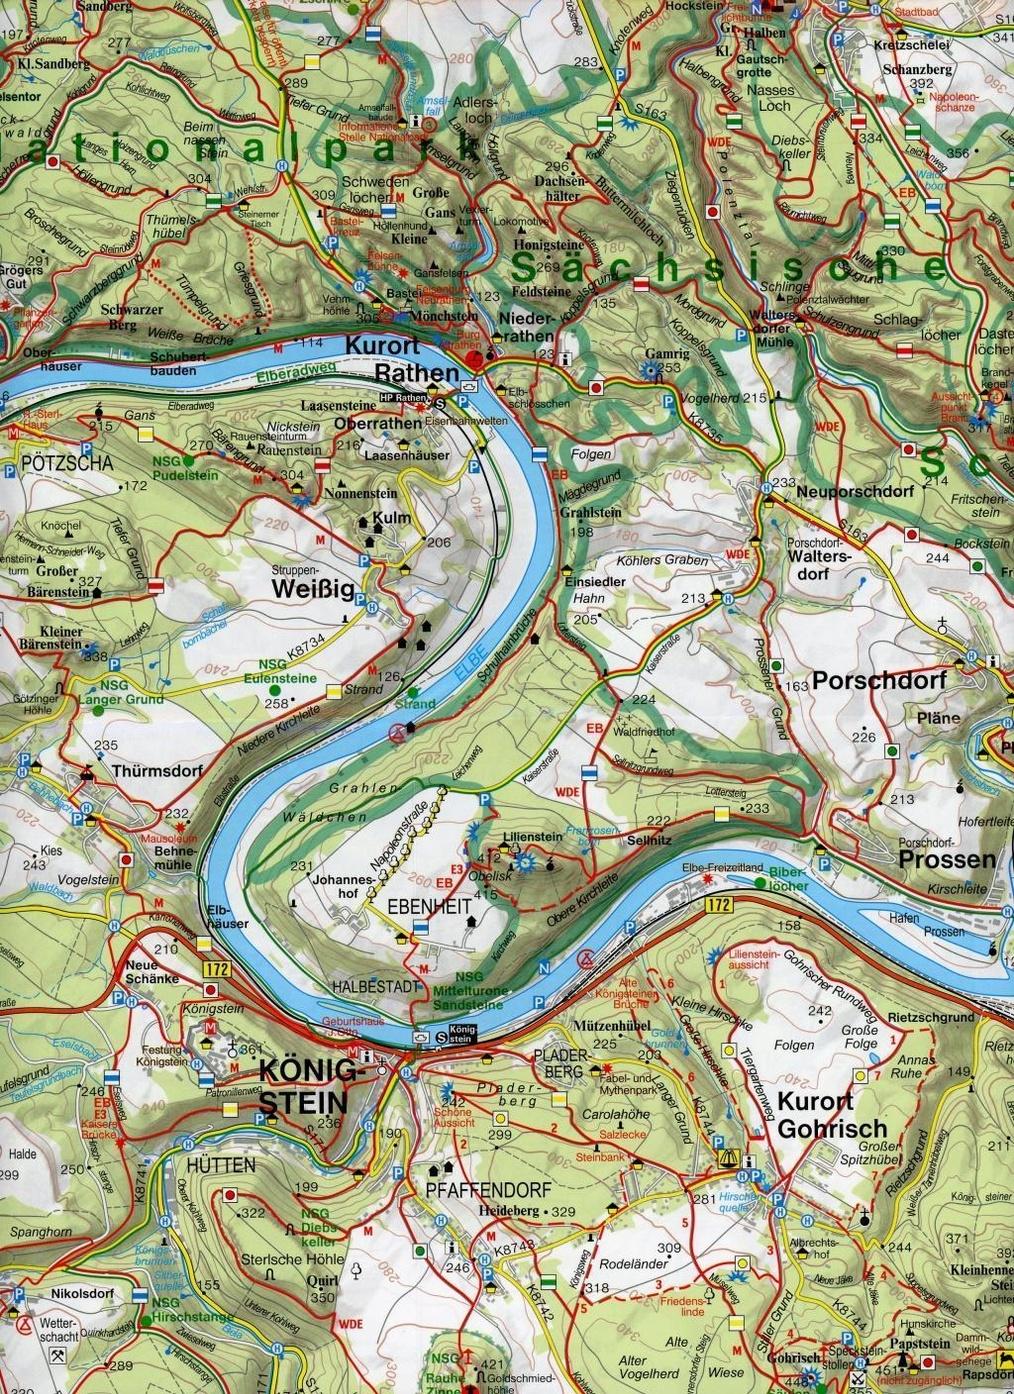 Geomap Karte Nationalpark Sachsische Schweiz Bohmische Schweiz Buch